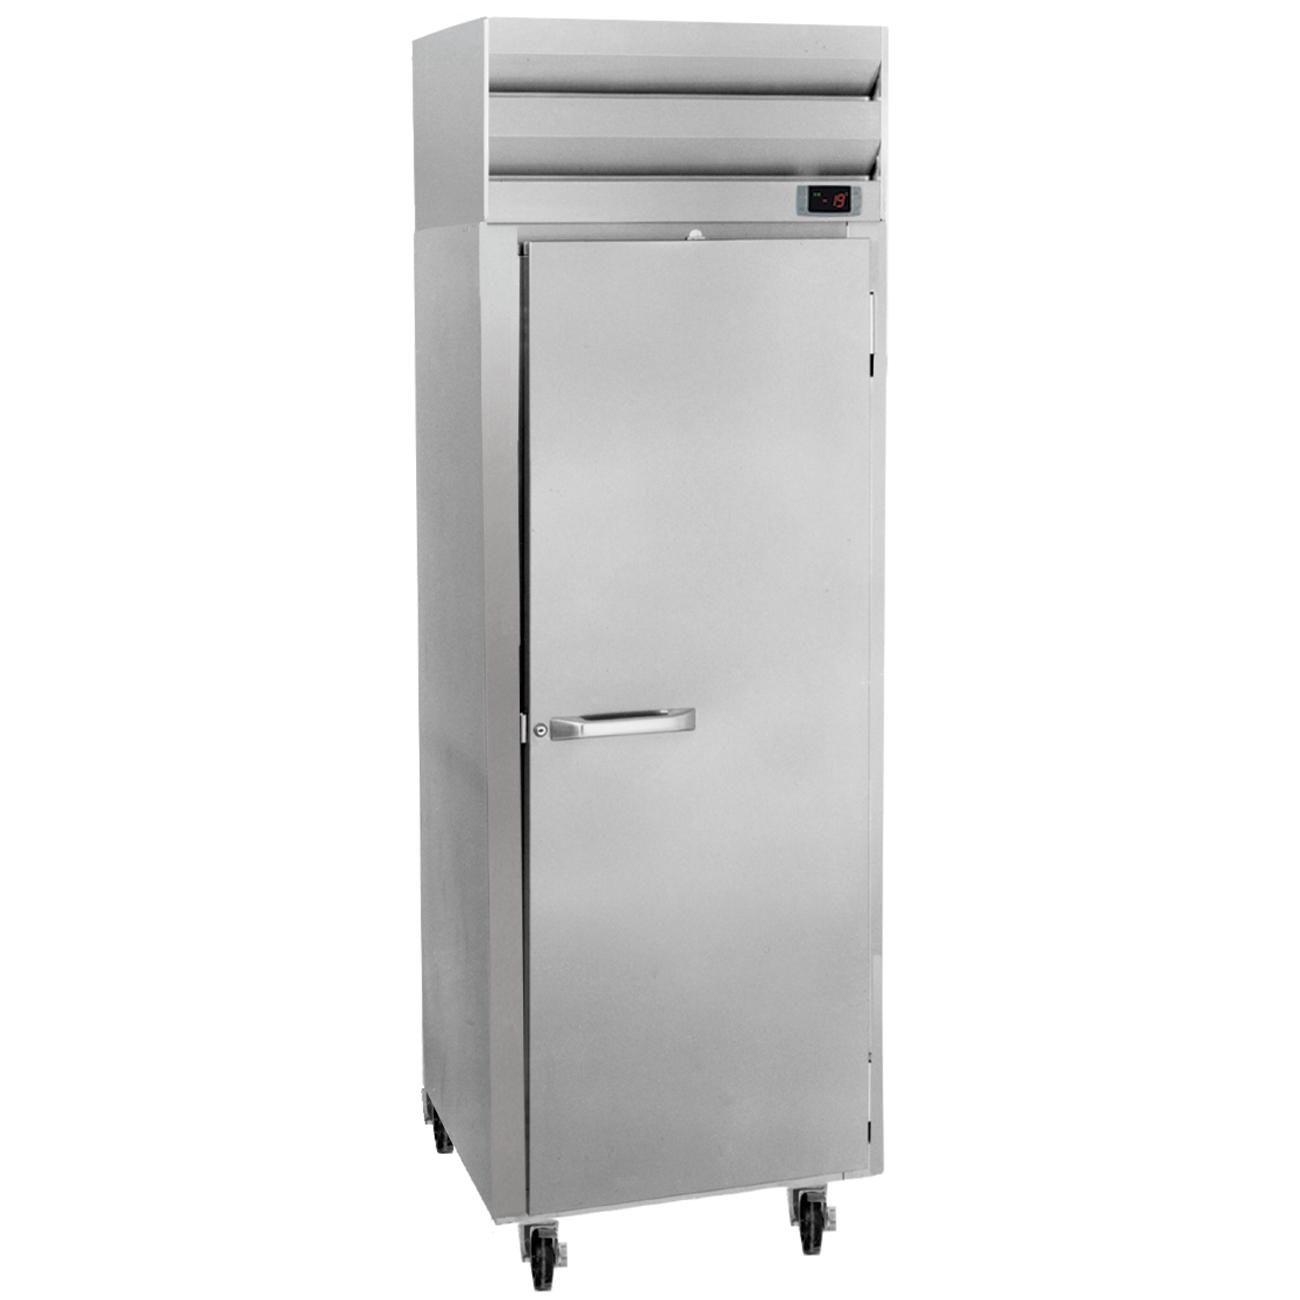 Howard-McCray SR22 refrigerator, reach-in